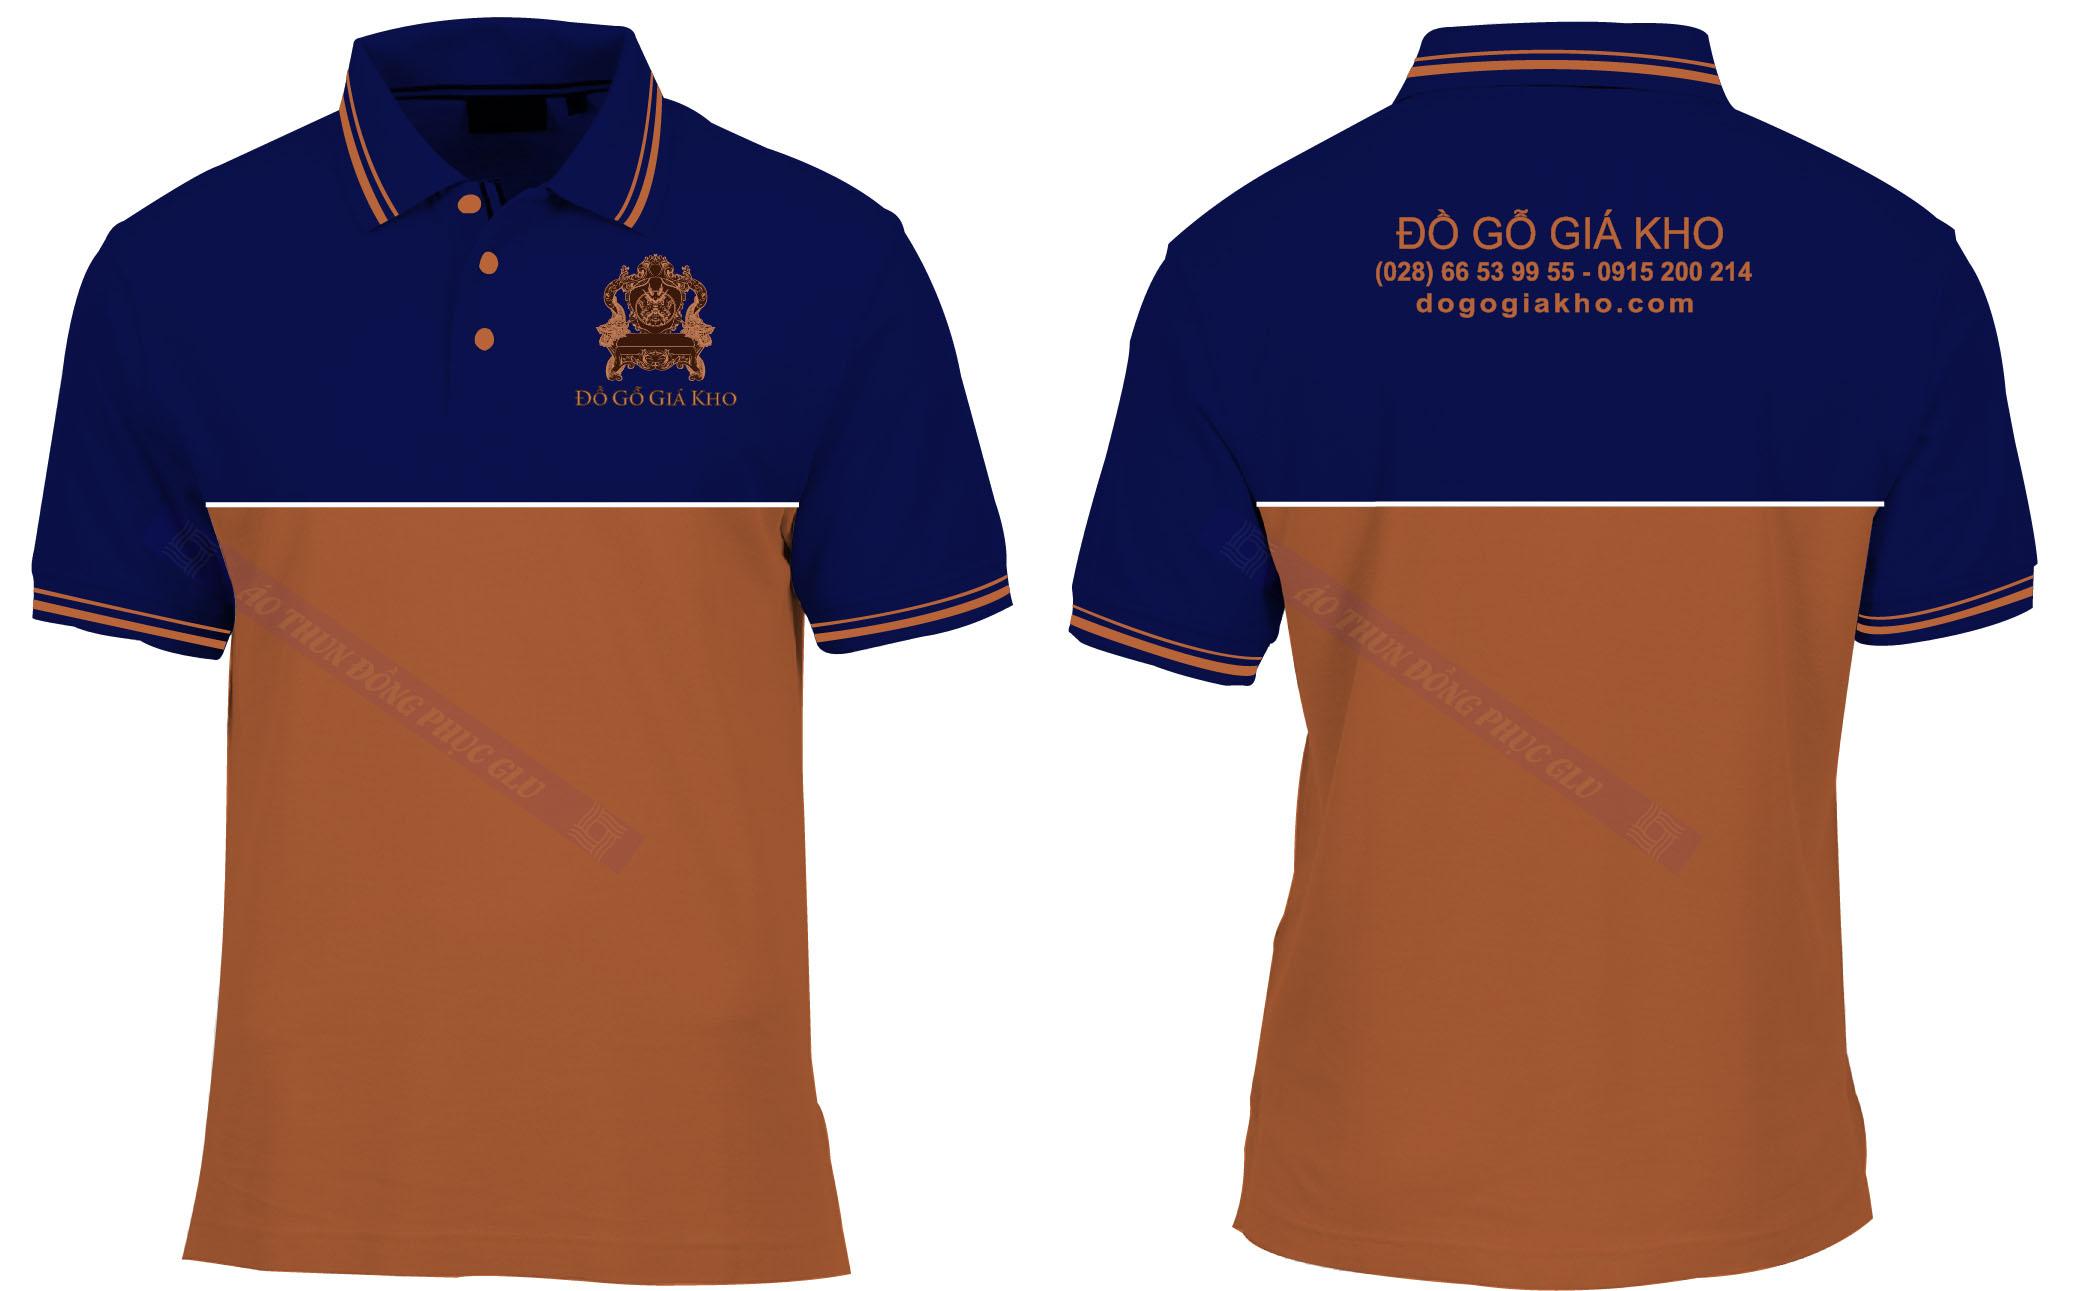 AO THUN DO GO GIA KHO áo thun đồng phục đẹp